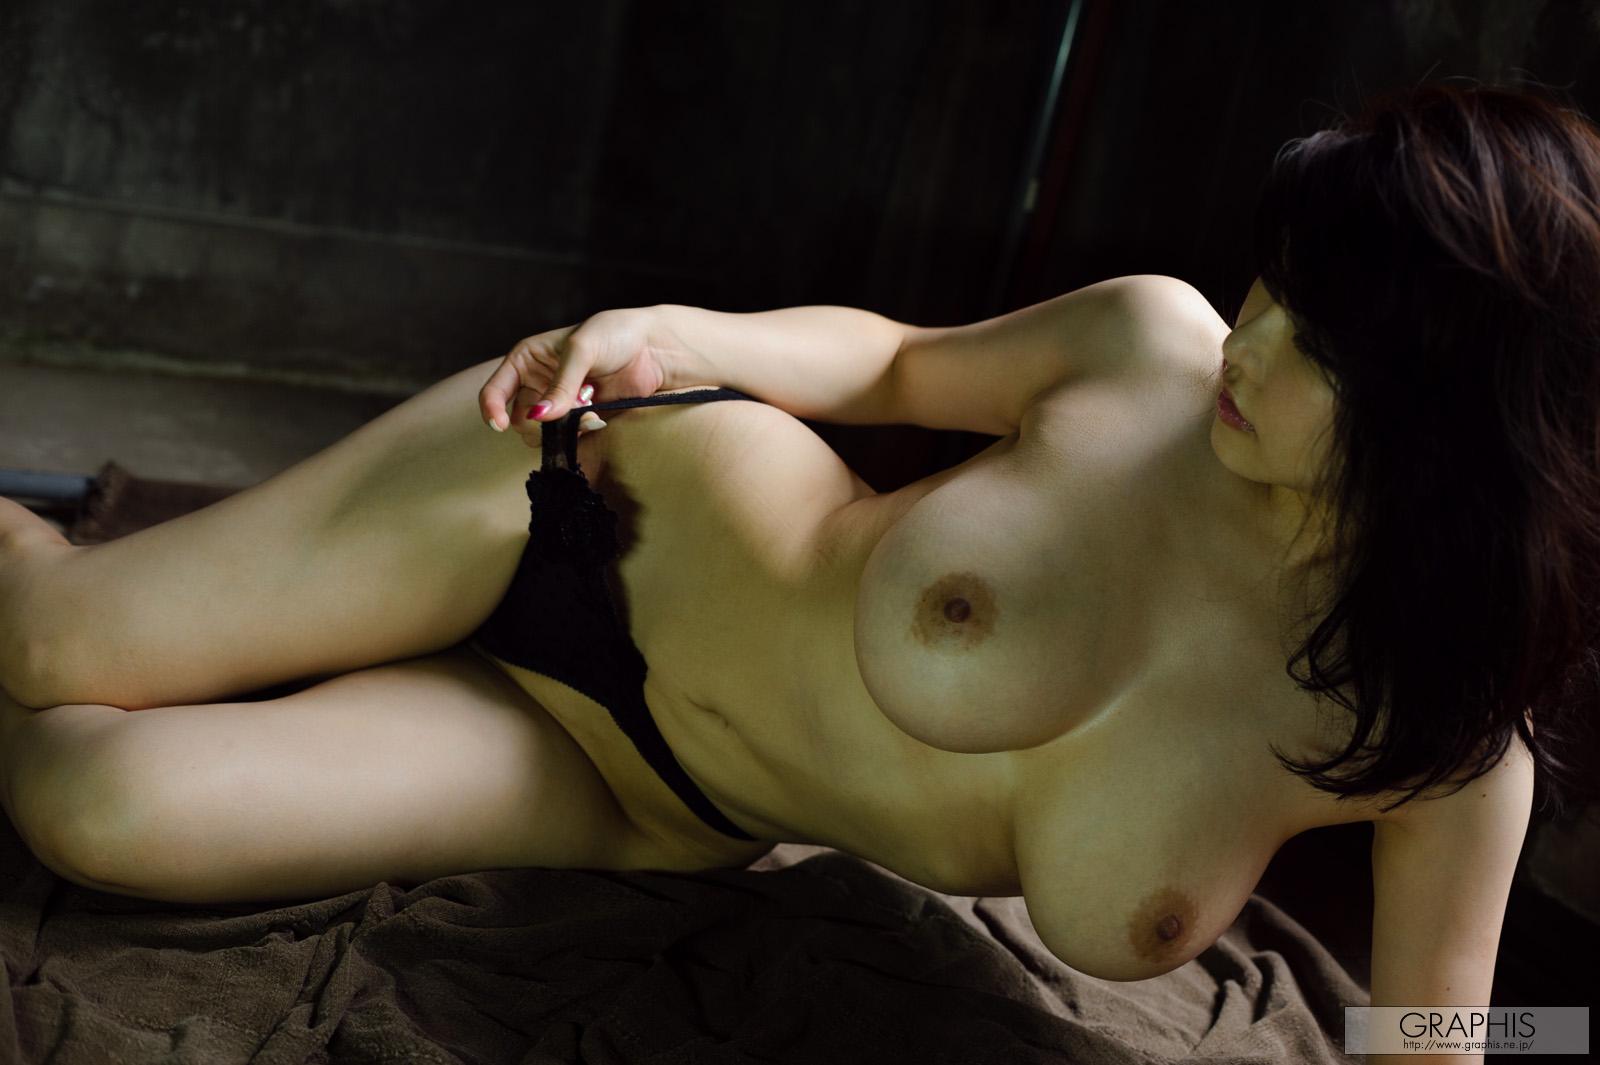 gra_anri-o2078.jpg